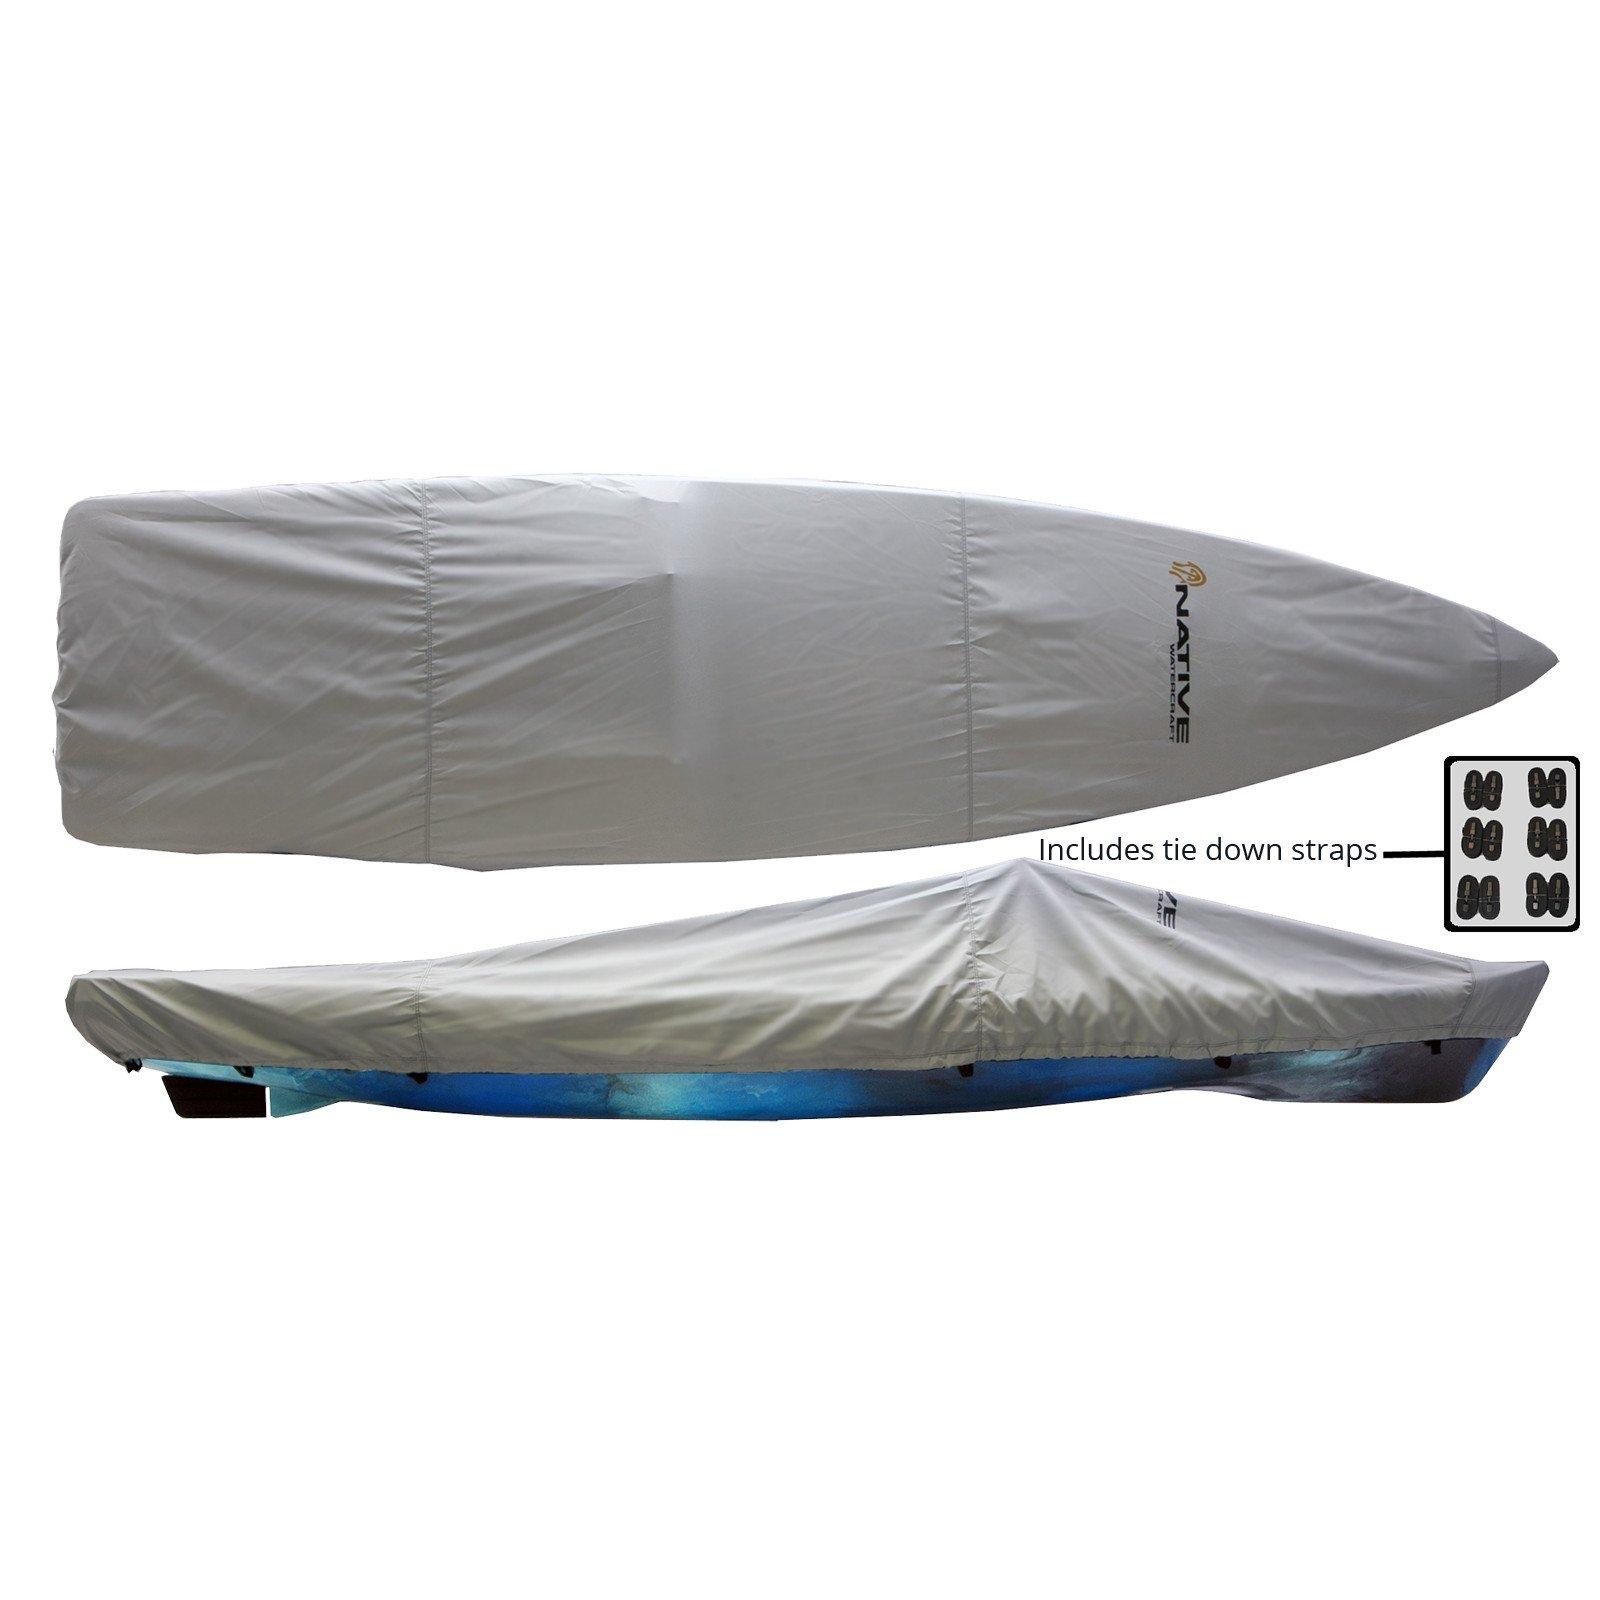 Kayak Cover - Natve Watercraft